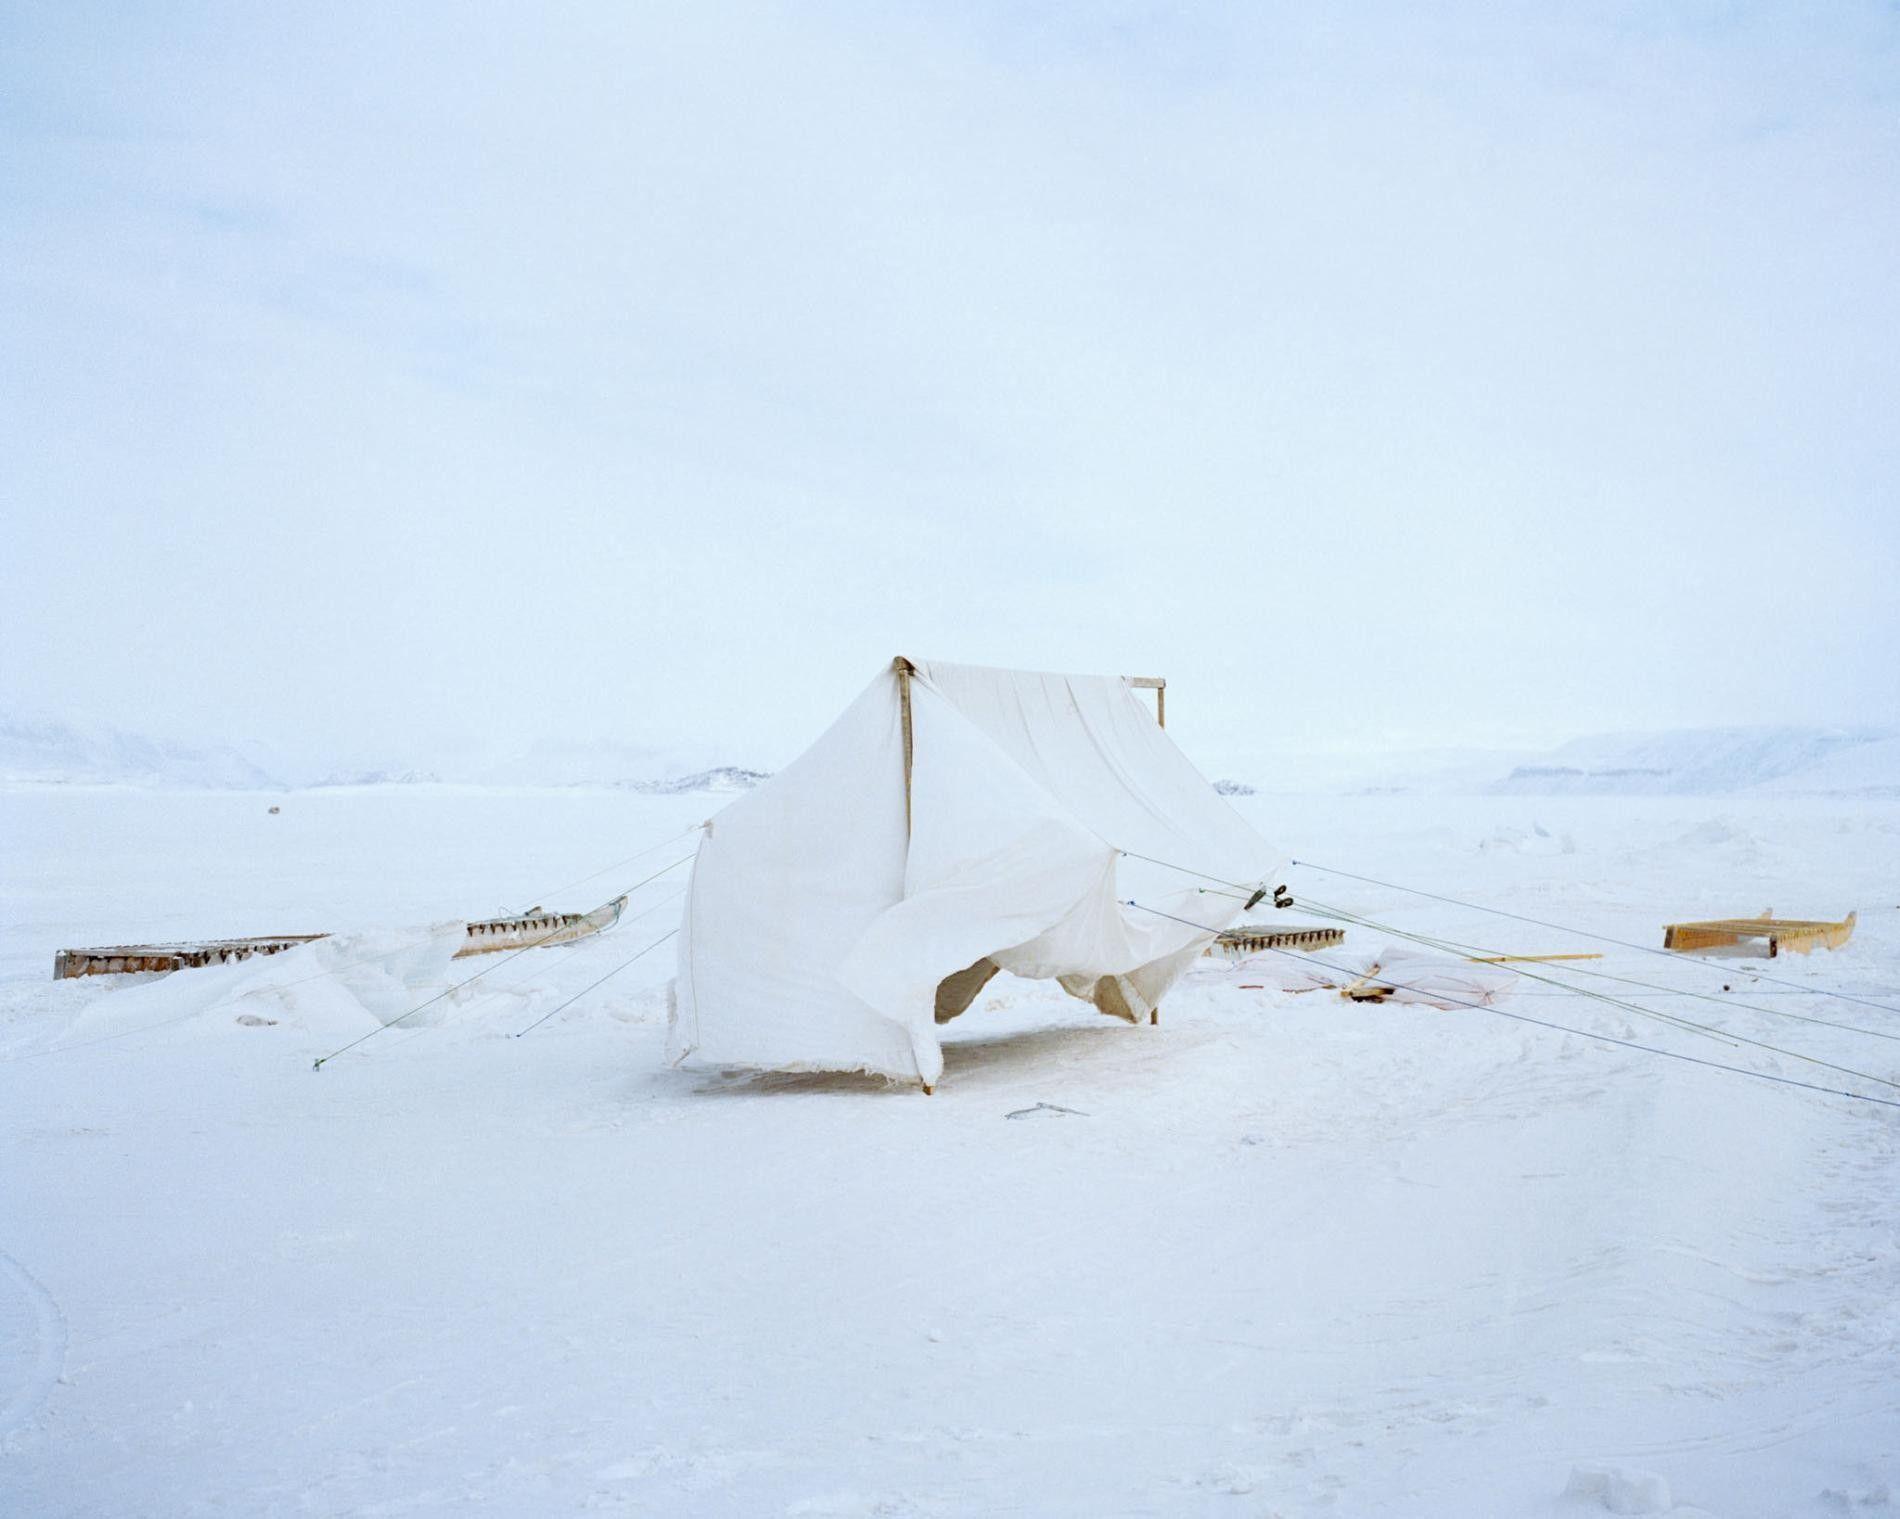 Antes de la acampada, una tienda casera se seca sobre la banquisa en Nunavut.